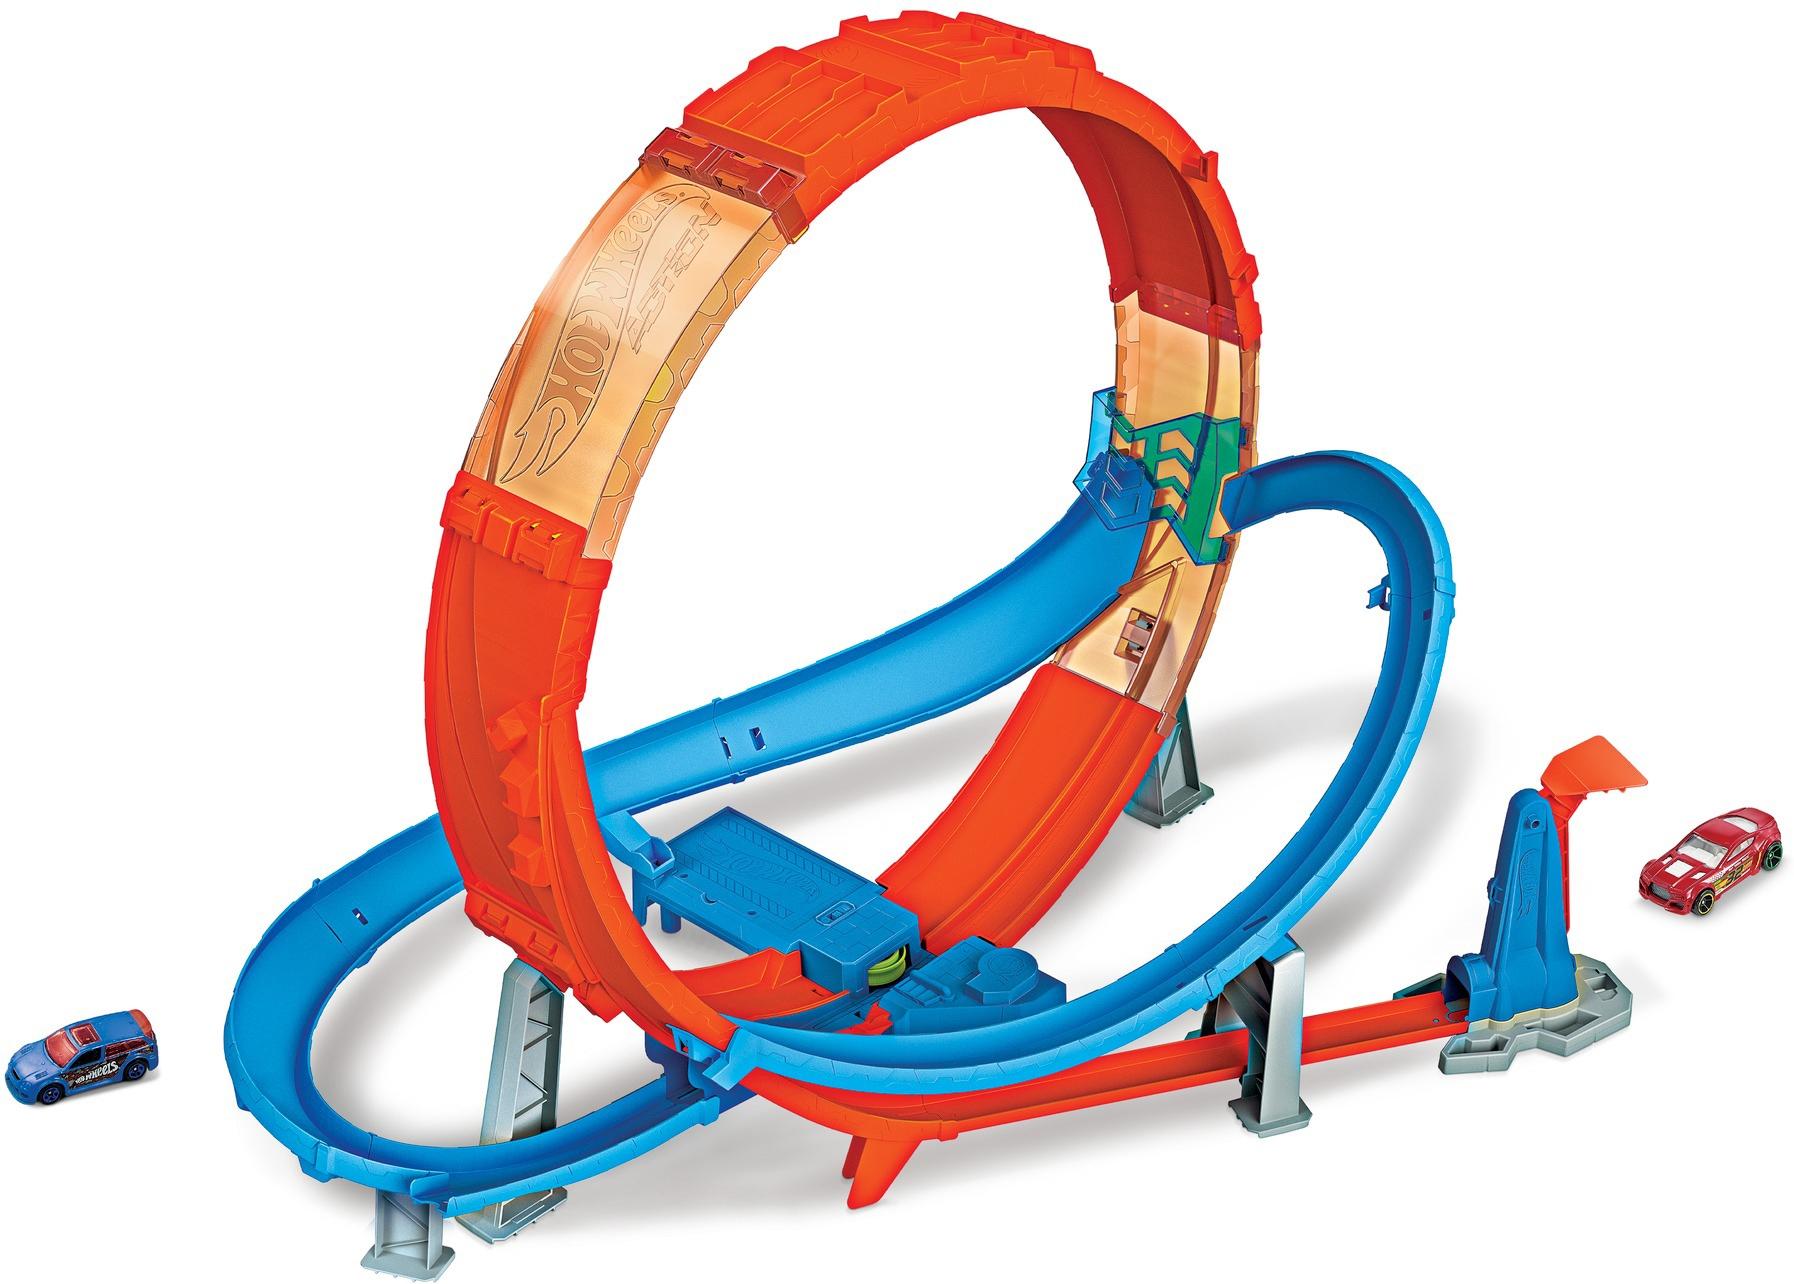 Hot Wheels Autorennbahn Looping Crash Trackset, inkl. 1 Spielzeugauto bunt Kinder Autorennbahnen Autos, Eisenbahn Modellbau